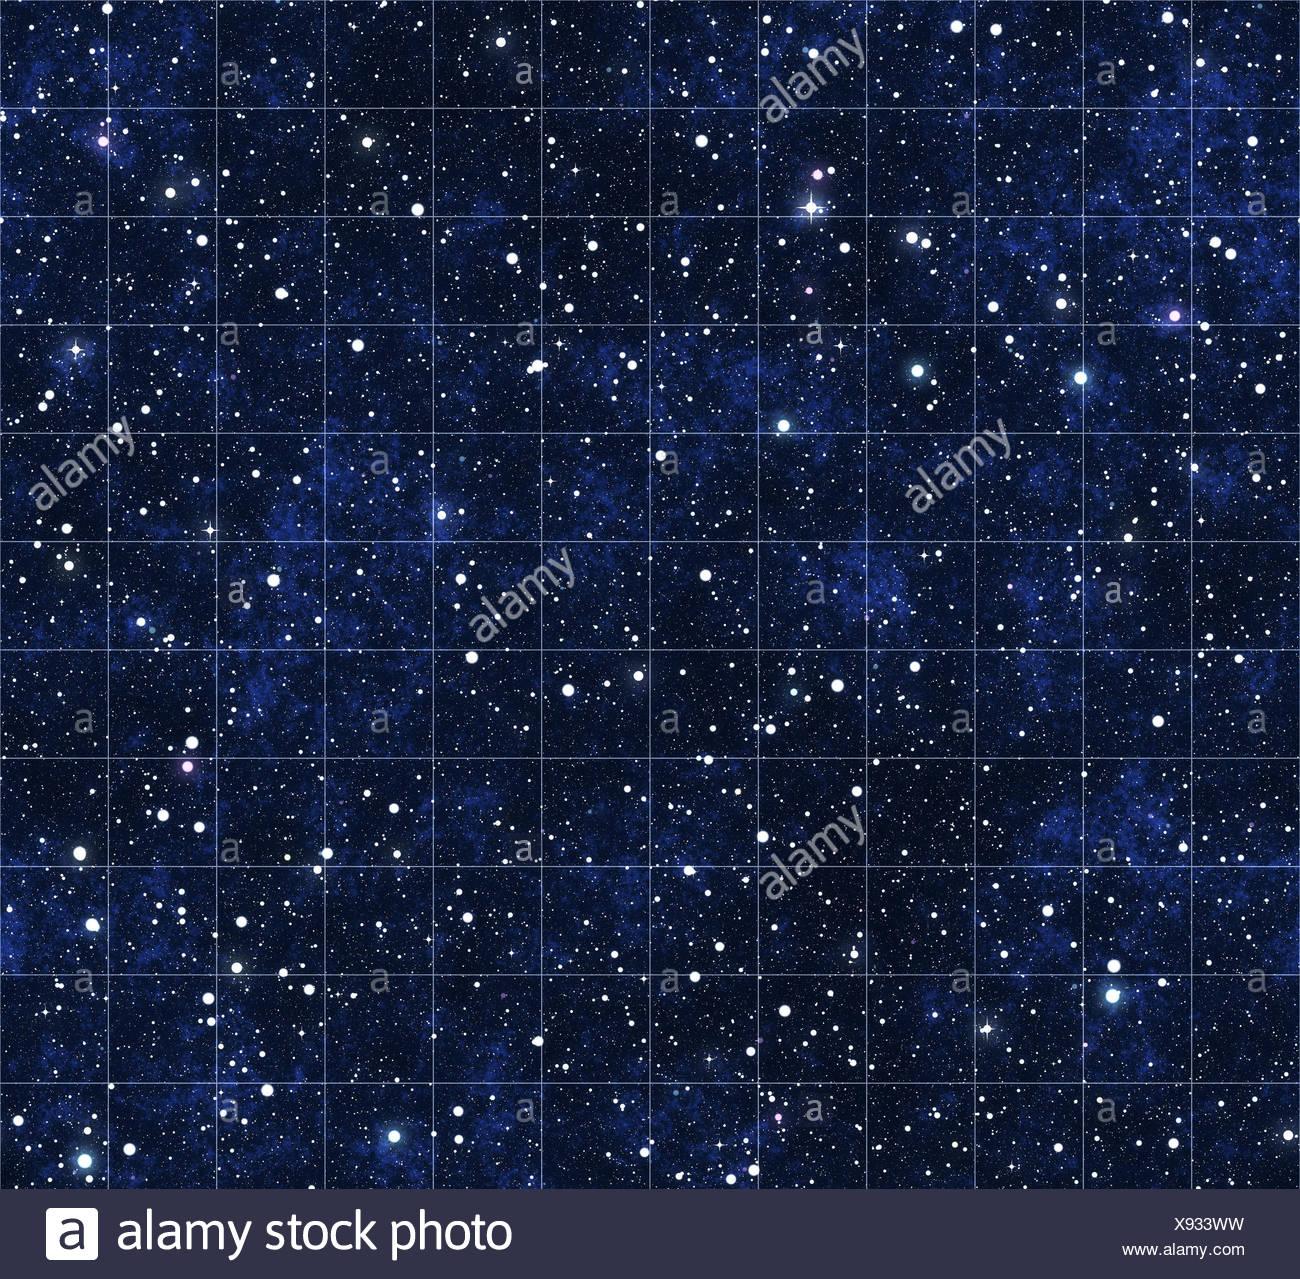 space night nighttime field bright shiny deep galaxy wallpaper stars asterisks X933WW